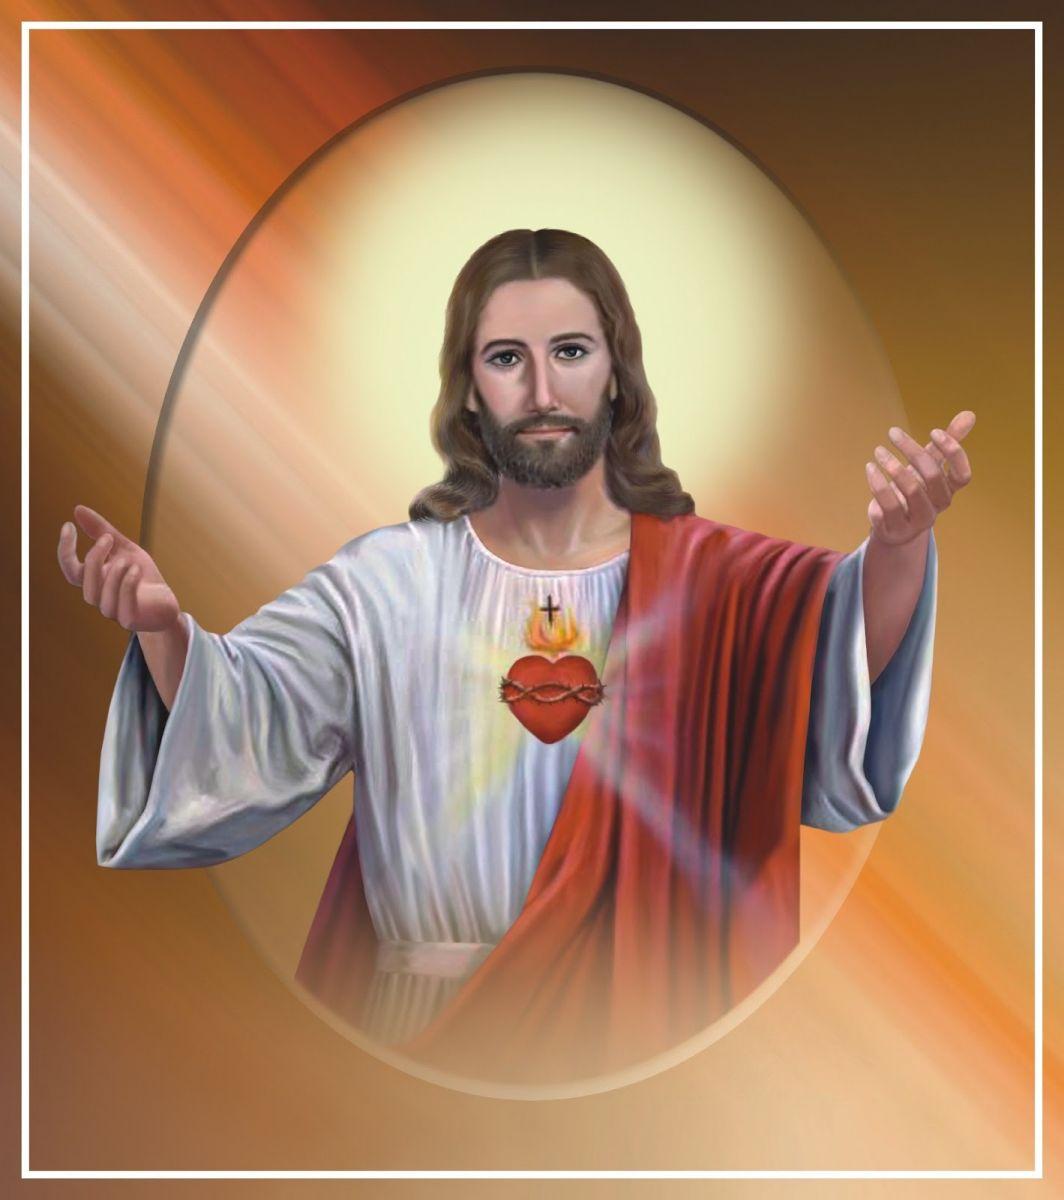 CÓ VĨ NHÂN NÀO ĐƯỢC YÊU MẾN BỀN LÂU HƠN ĐỨC GIESUS / GIUSE LUCA